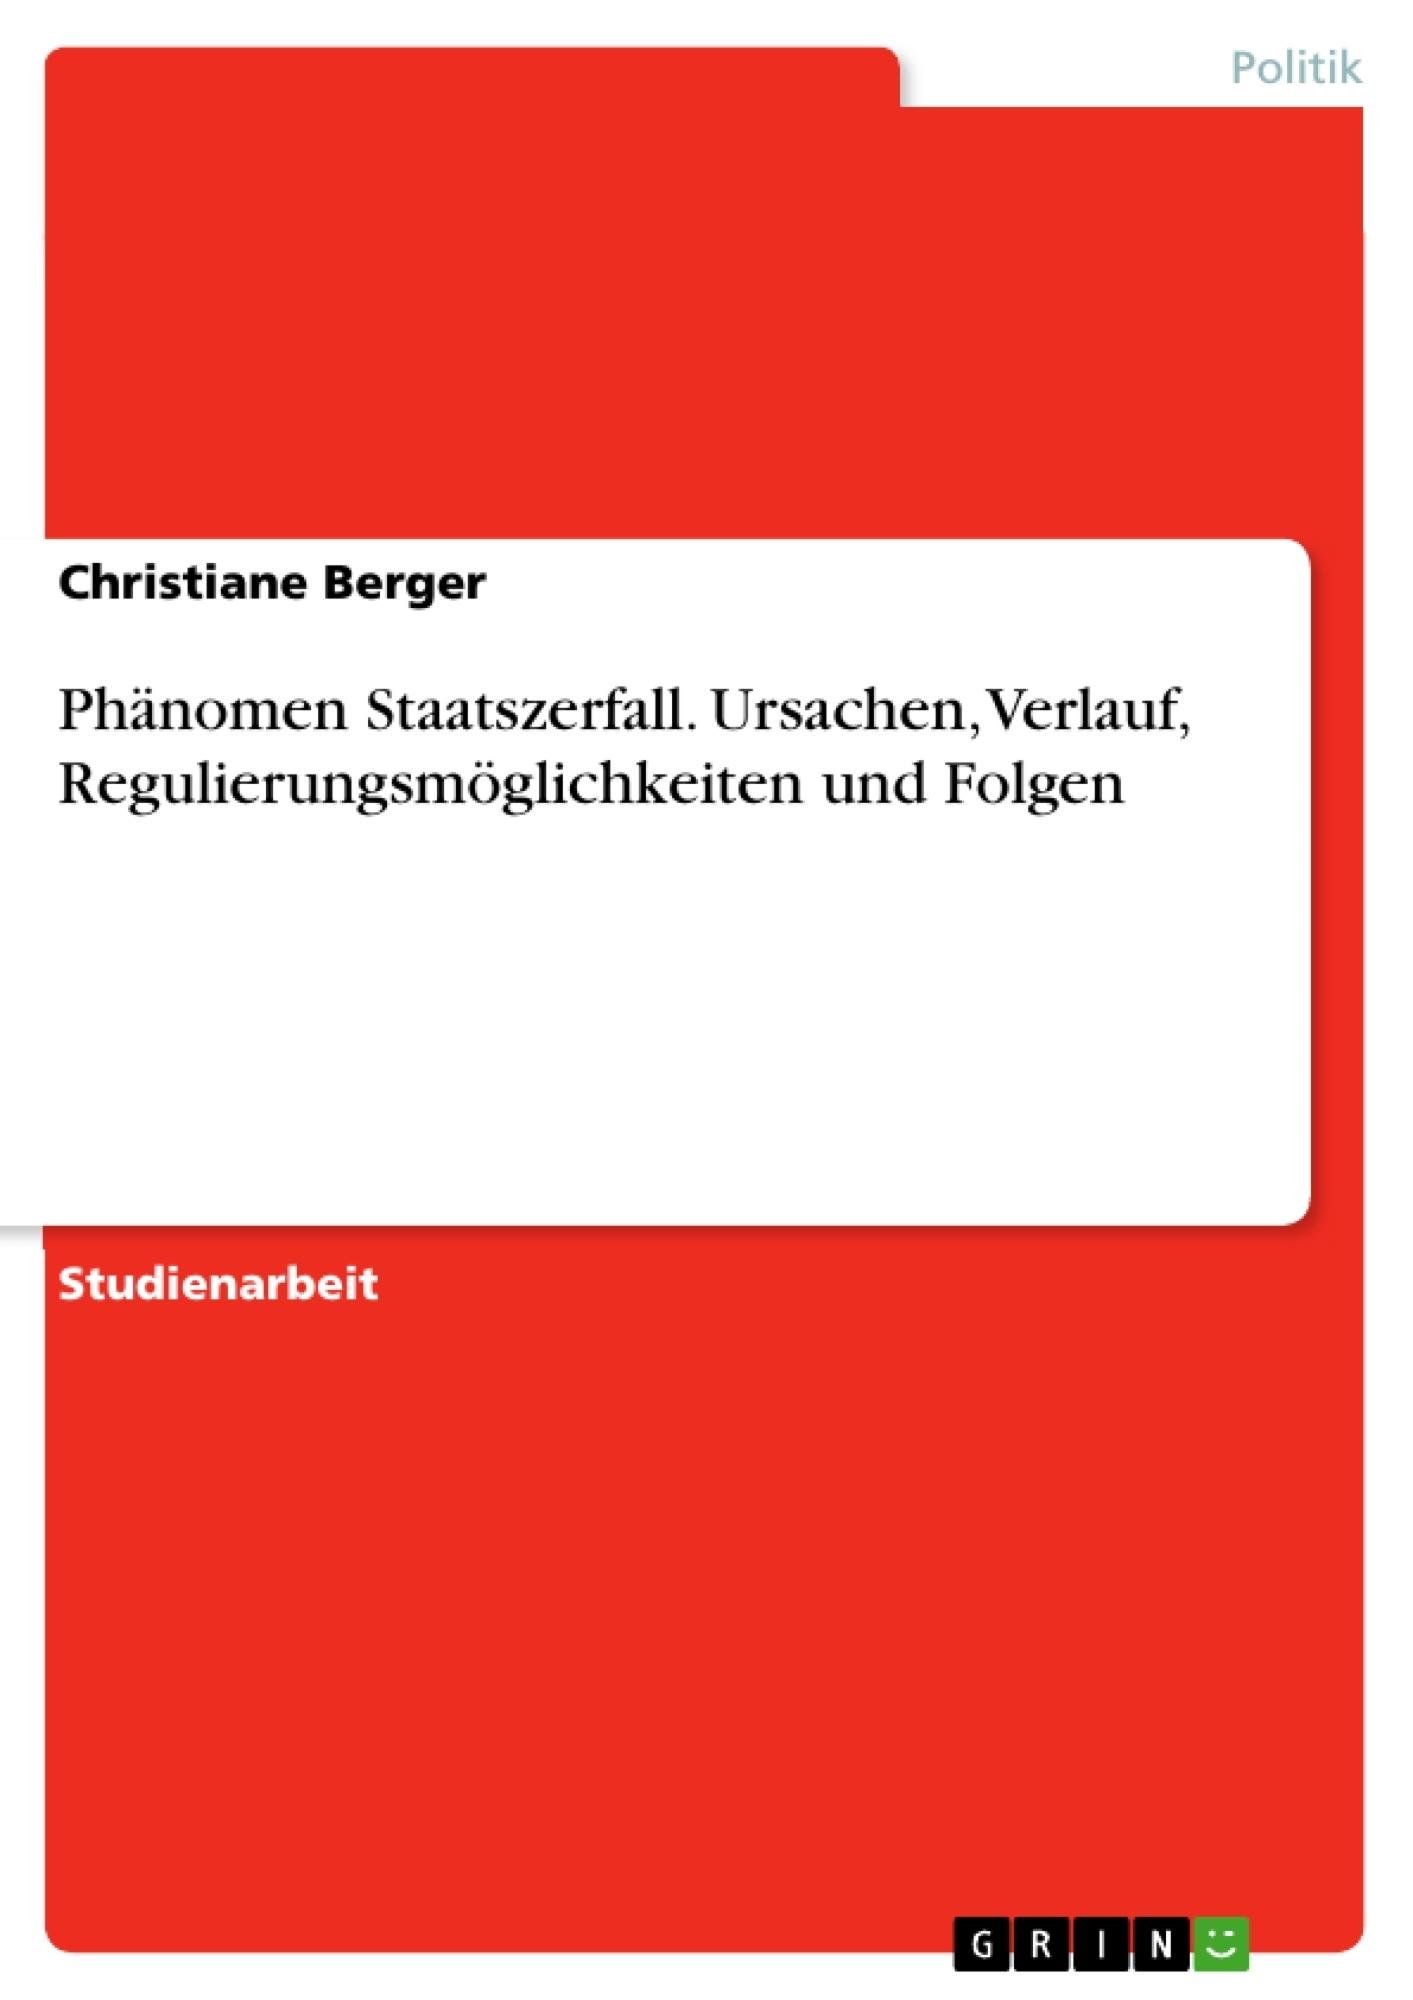 Titel: Phänomen Staatszerfall. Ursachen, Verlauf, Regulierungsmöglichkeiten und Folgen